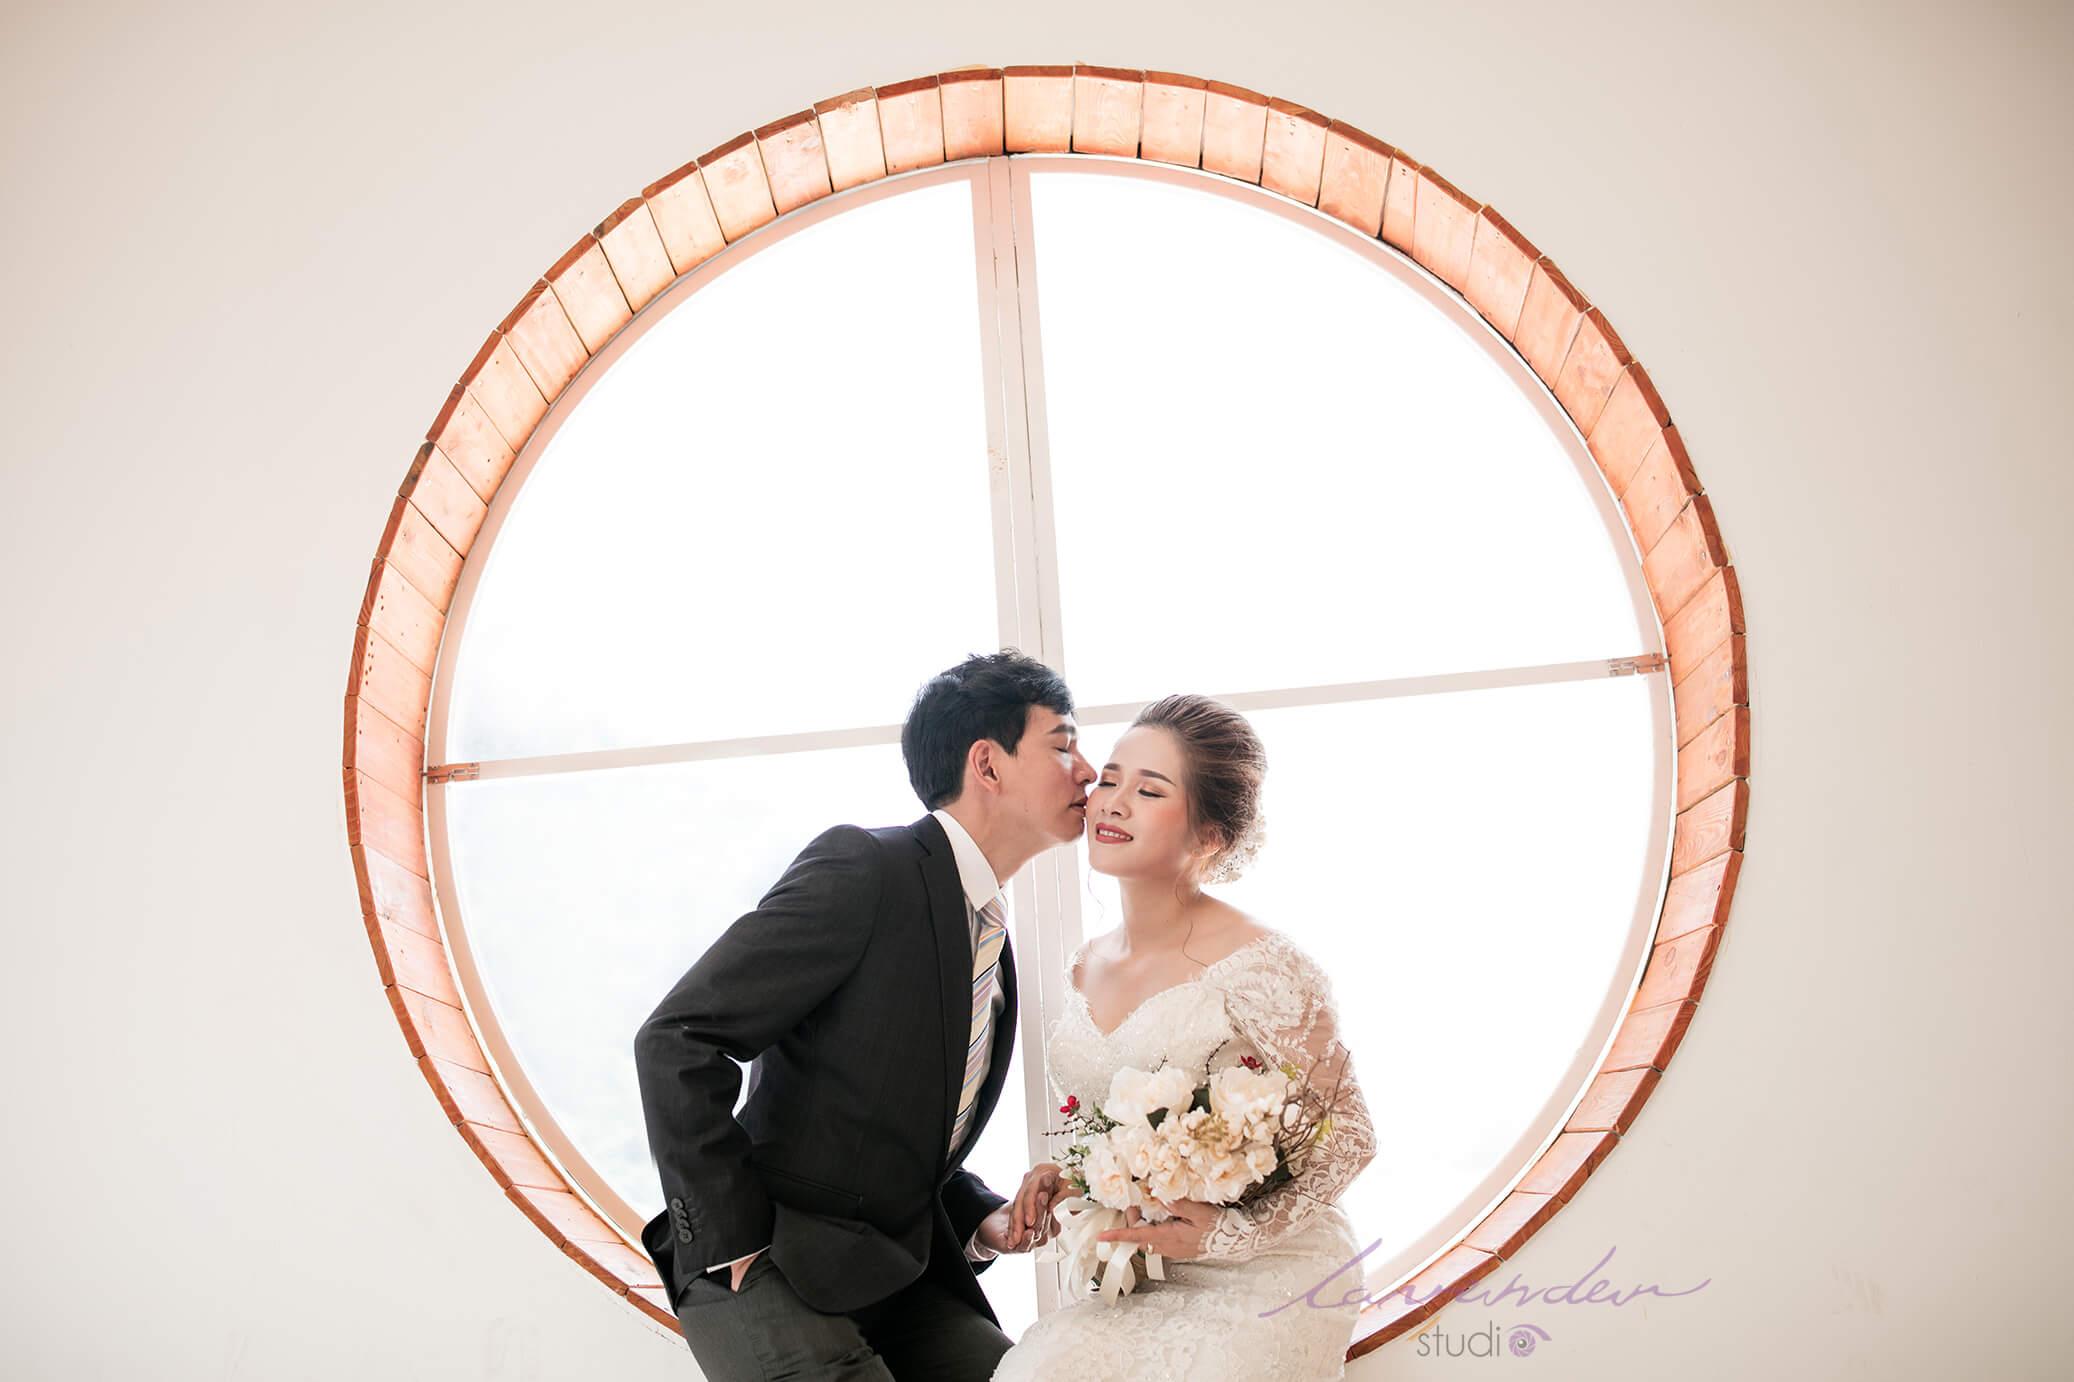 dịch vụ chụp hình cưới phong cách Hàn quốc